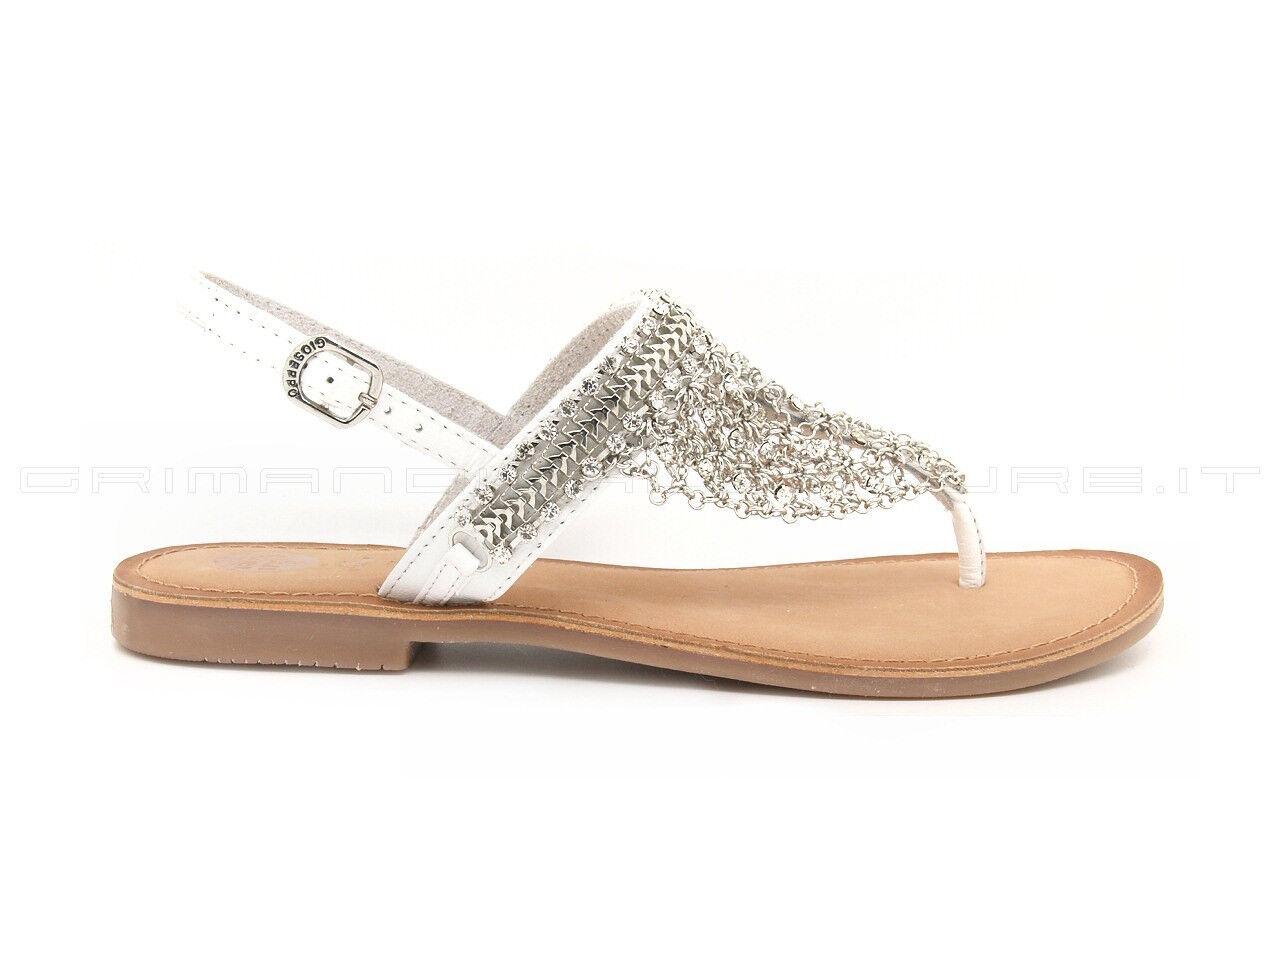 Gioseppo sandali infradito, tomaia pelle bianca con maglia metallica silver